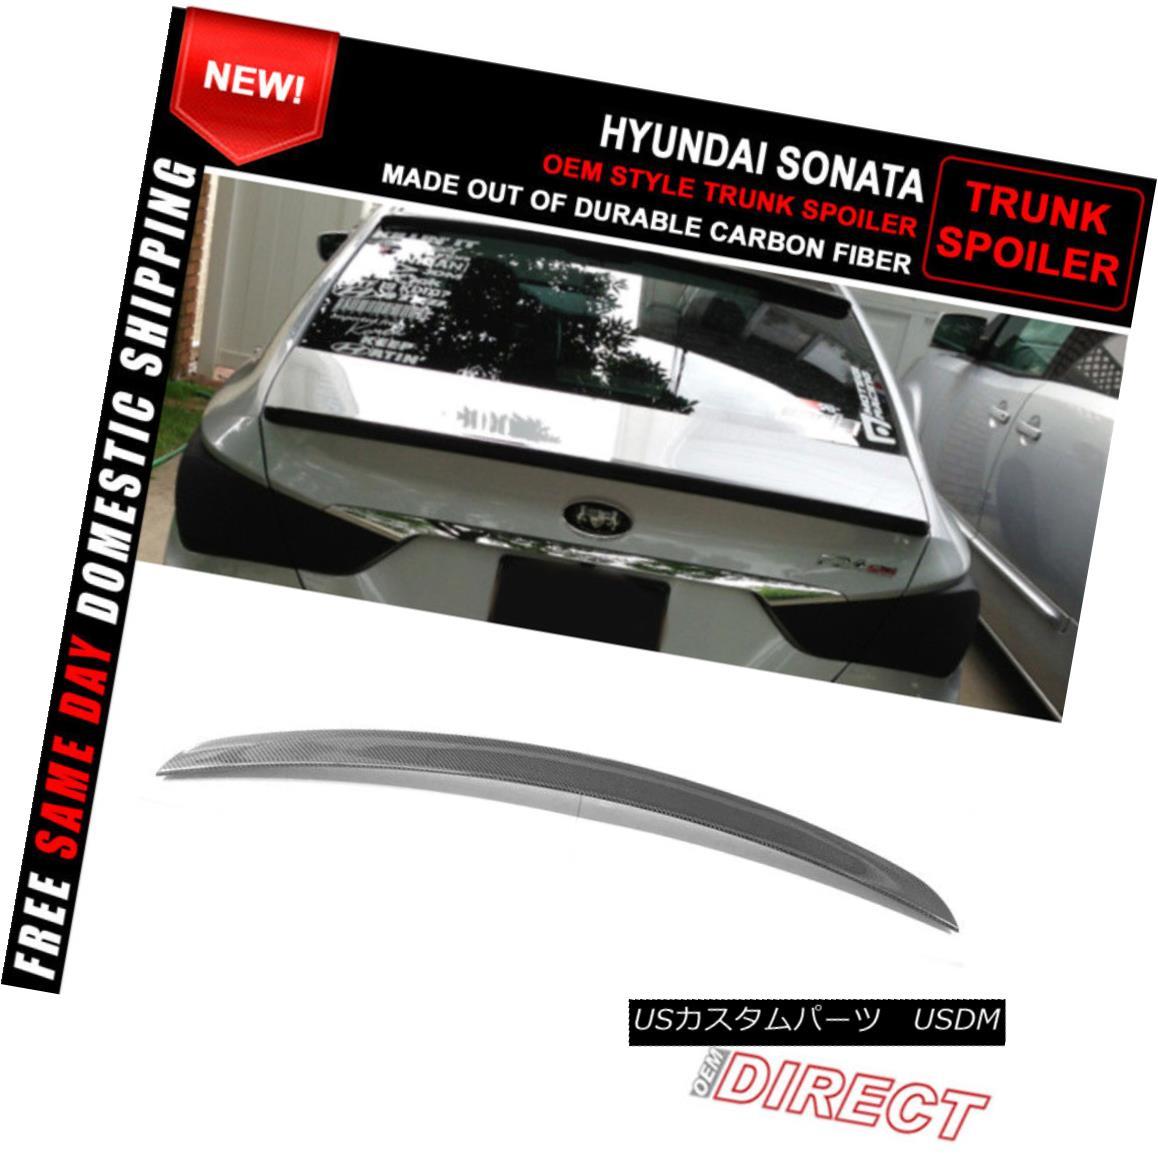 エアロパーツ Fit For 11-14 Hyundai Sonata OE Style Trunk Spoiler Carbon Fiber CF 11-14現代ソナタOEスタイルトランク・スポイラー炭素繊維CFに適合